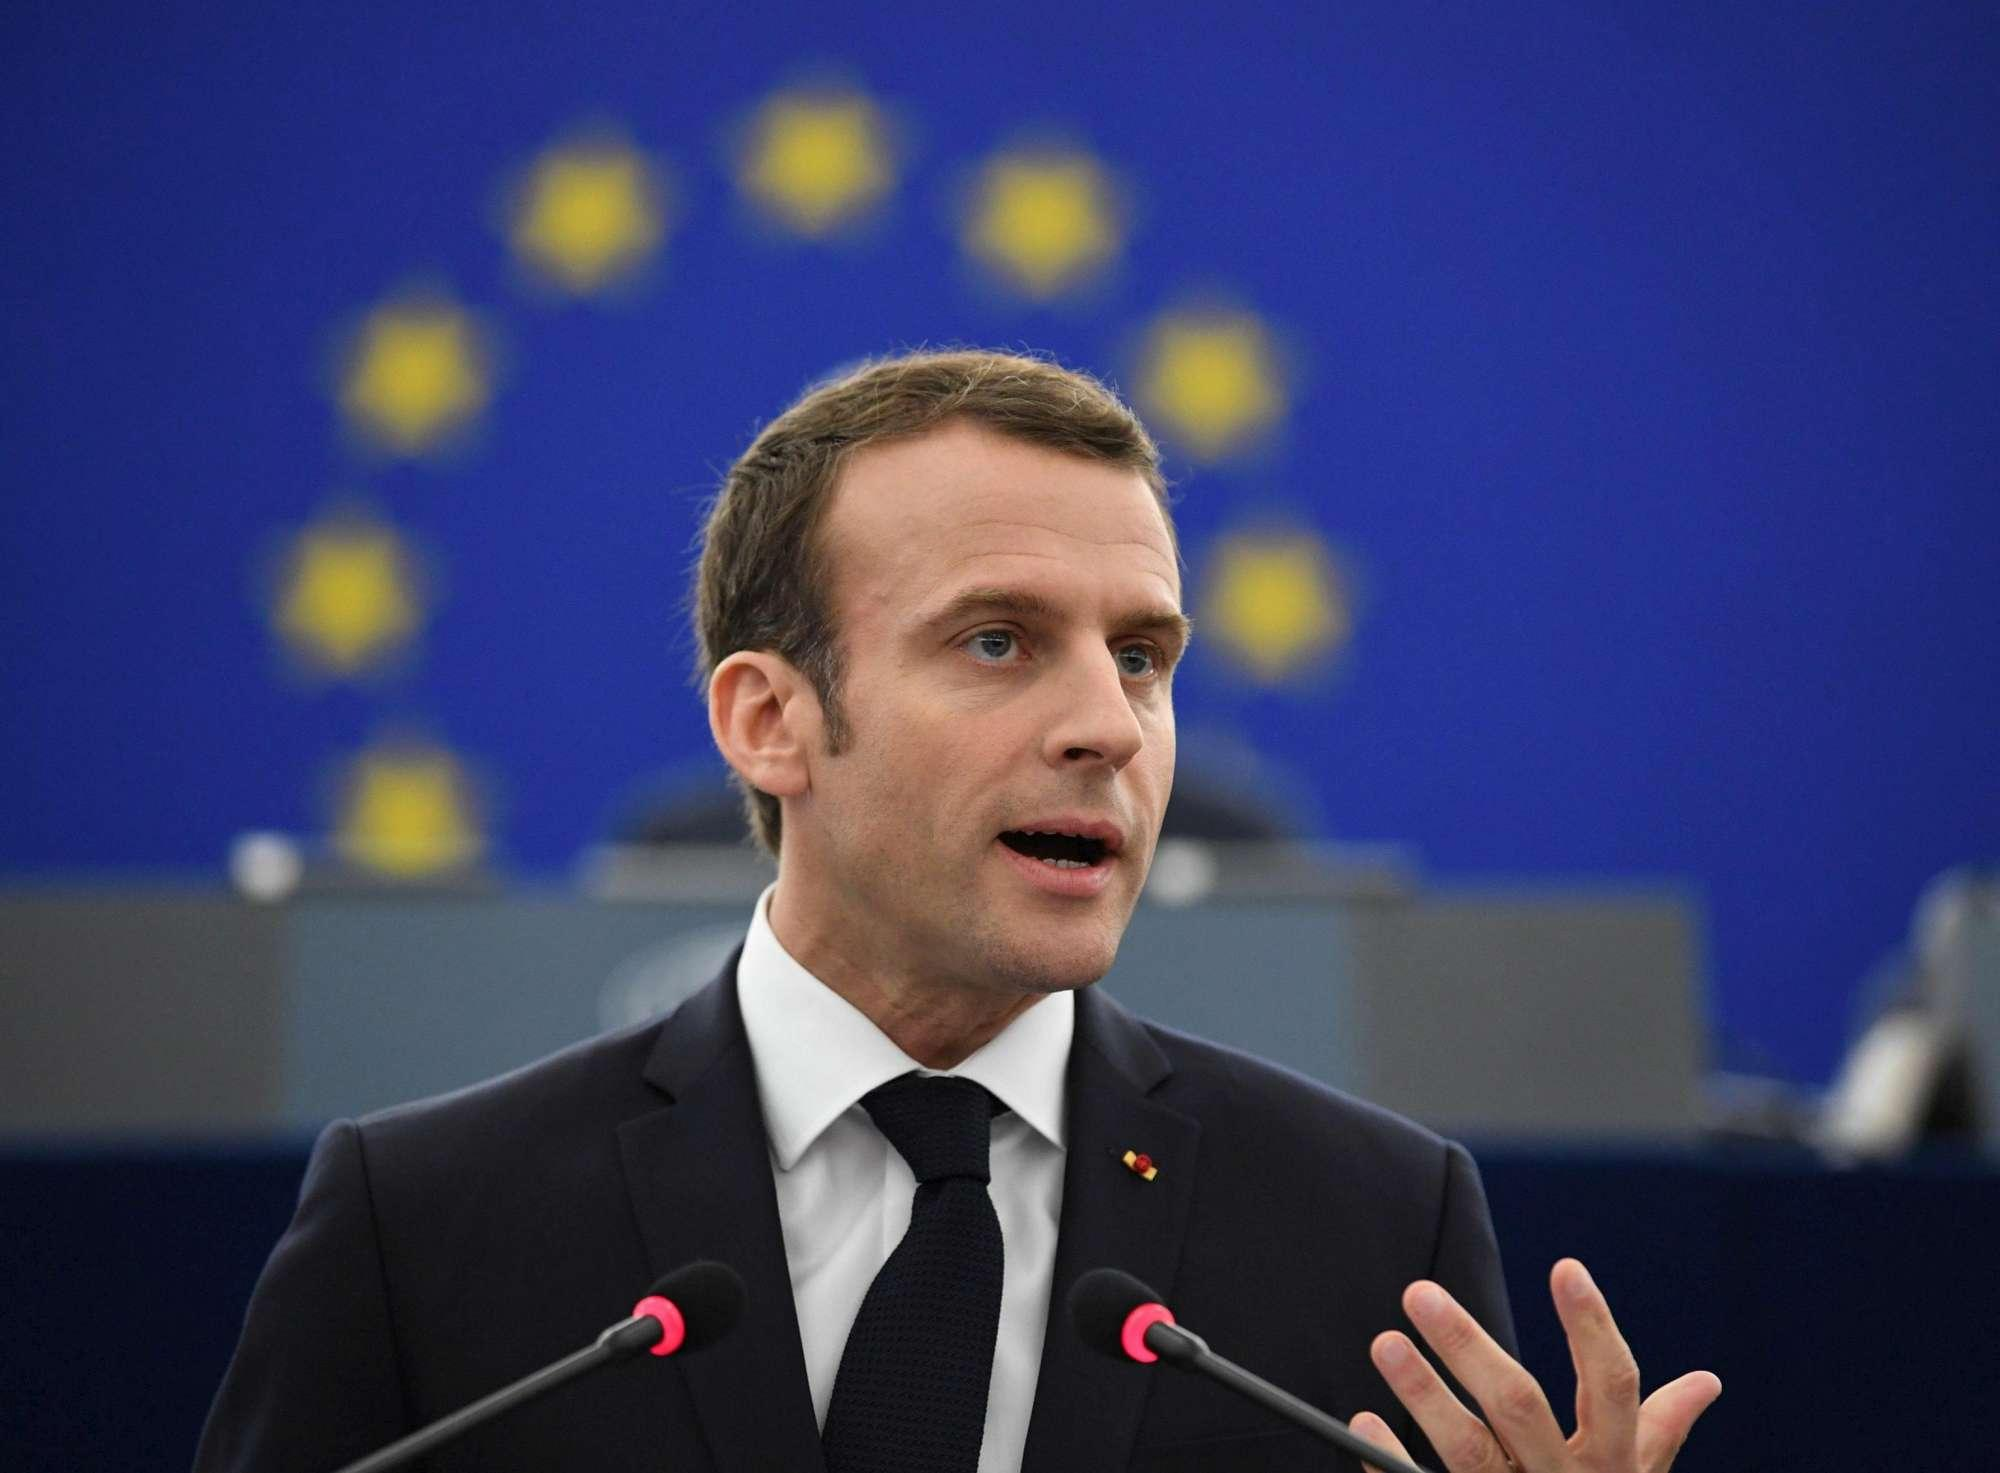 Macron all'Europarlamento:  Ascoltare la collera dei popoli, ora un progetto nuovo